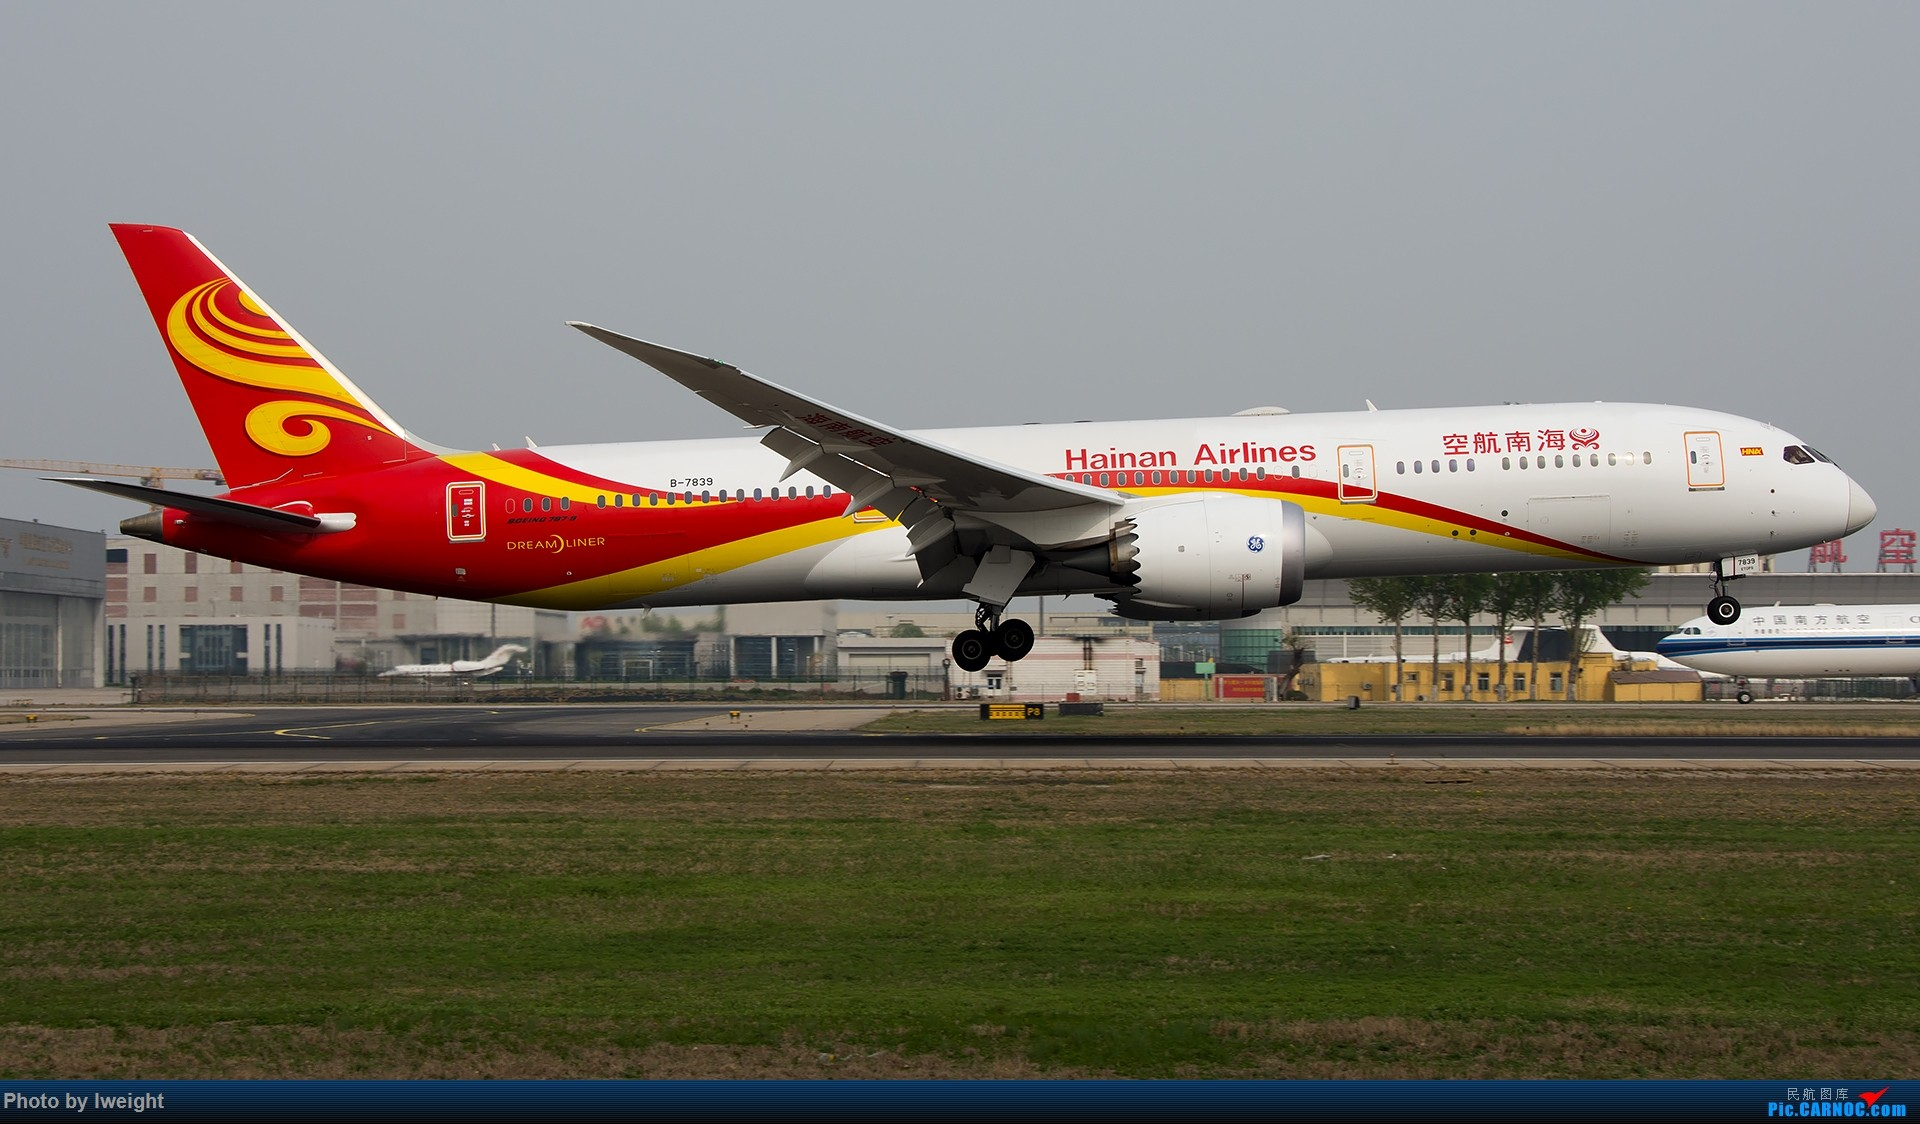 Re:[原创]霾,18R,高密度 BOEING 787-9 B-7839 中国北京首都国际机场